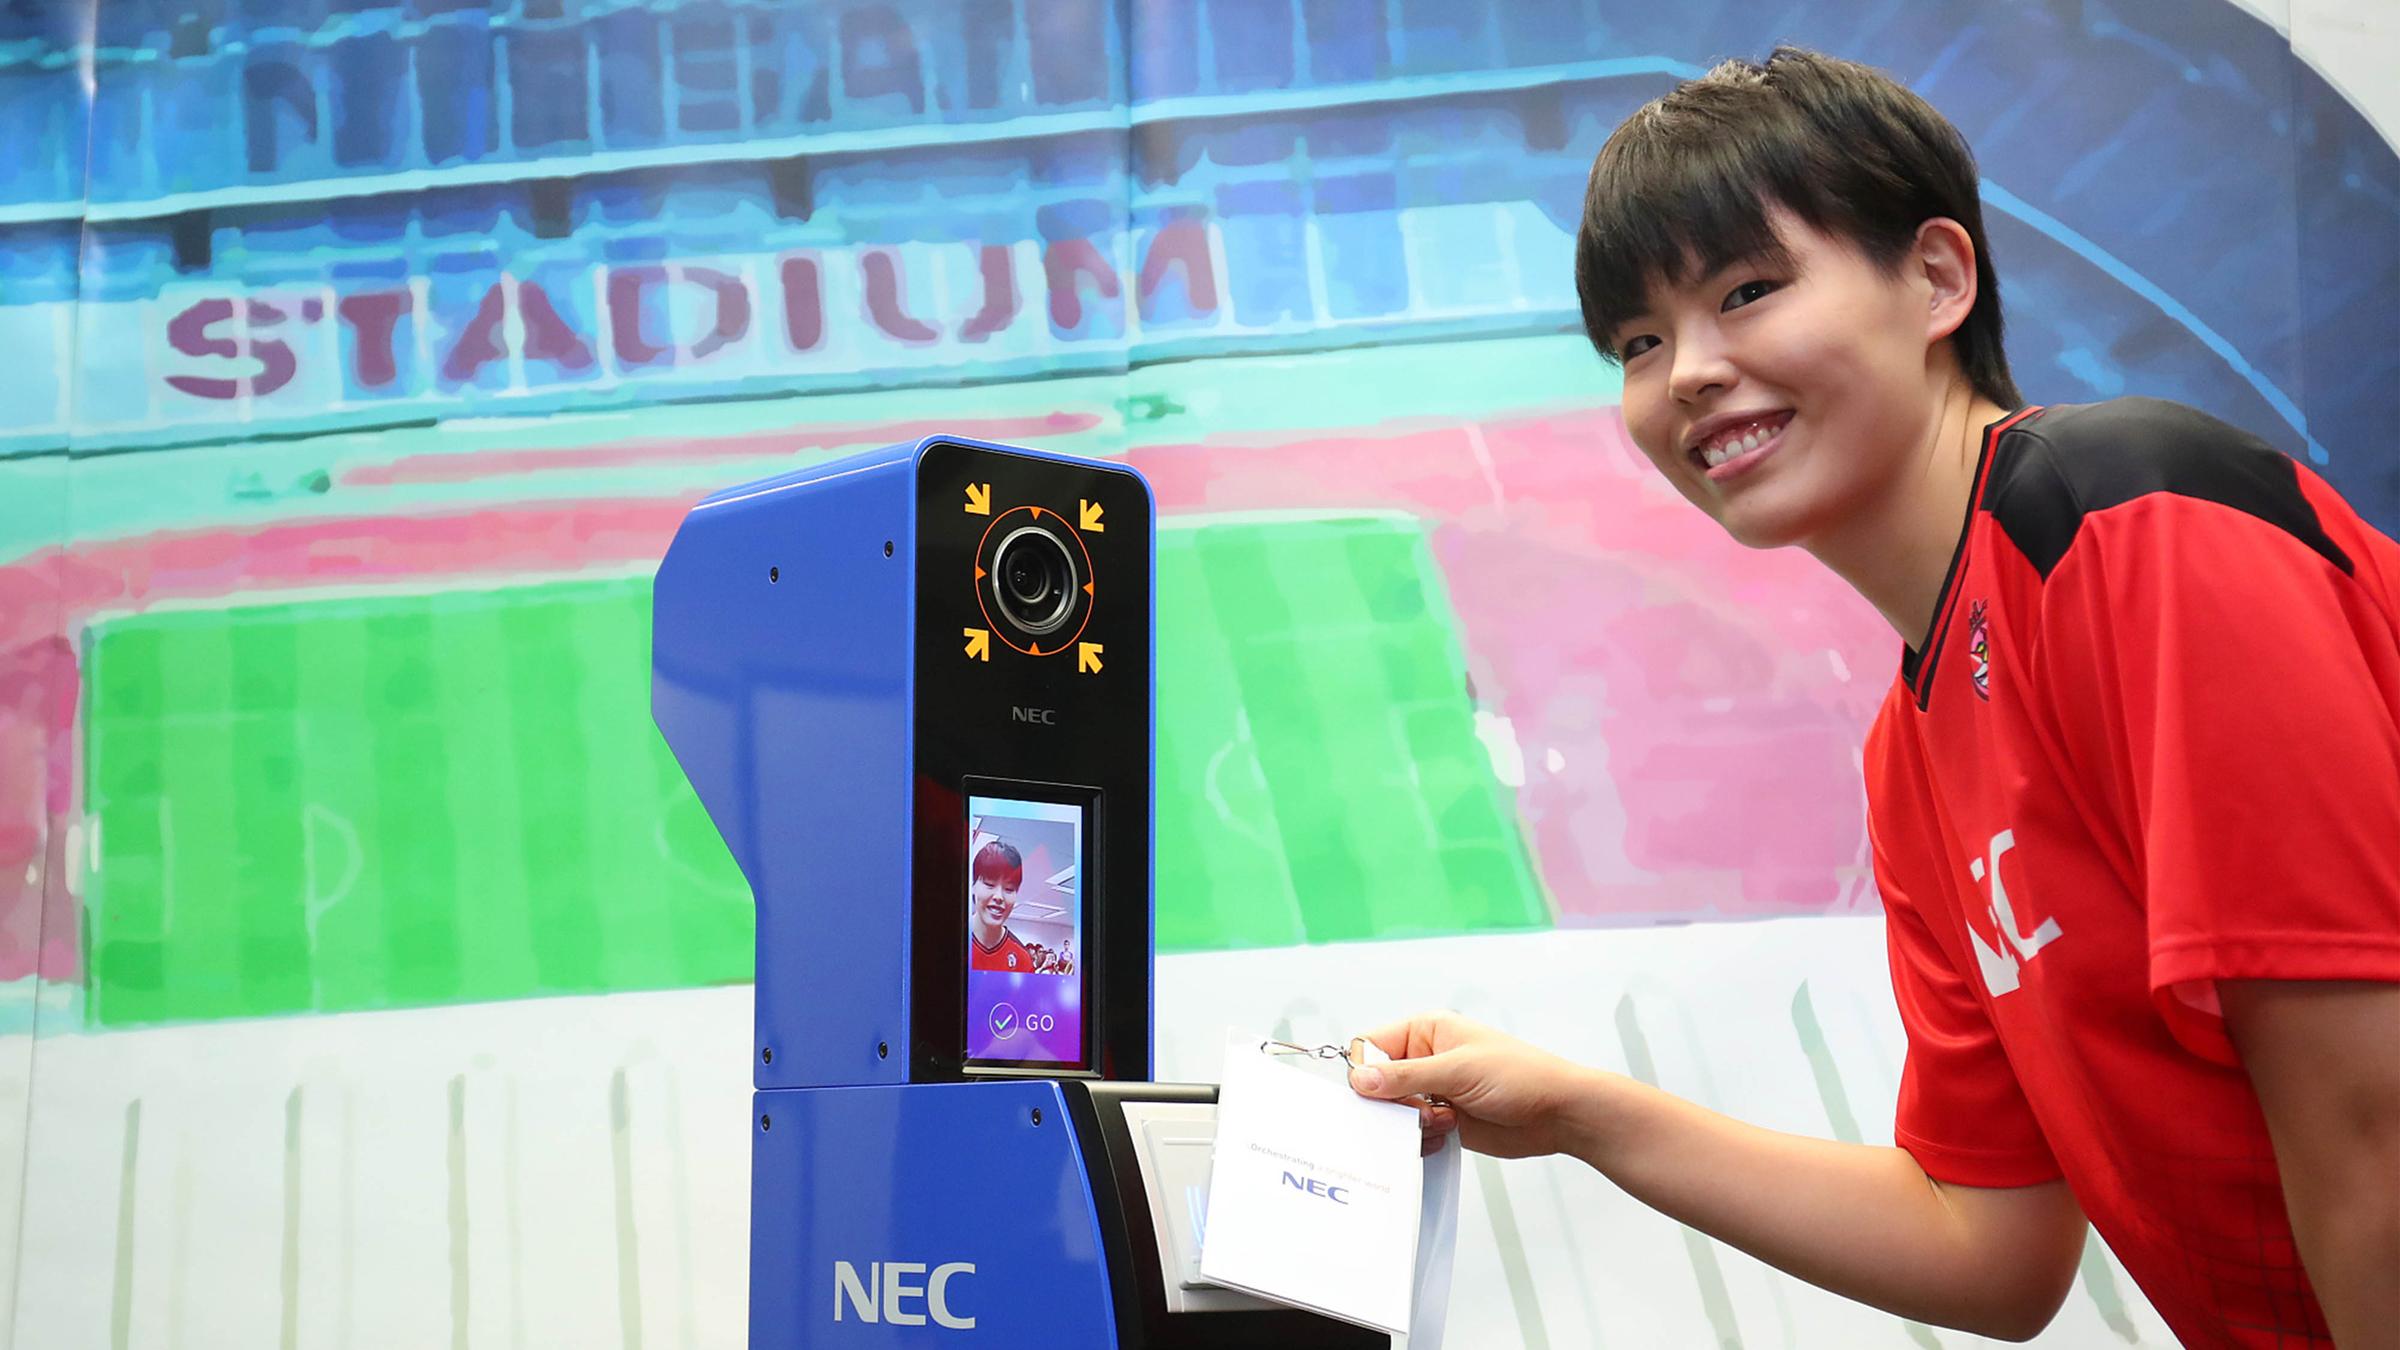 Olympic Tokyo 2020 dùng hệ thống nhận diện khuôn mặt của NEC cho các vận động viên. Thiết bị này sẽ được đặt tại 40 địa điểm, bao gồm cả trung tâm truyền thông và Làng vận động viên. Ảnh: Reuters.